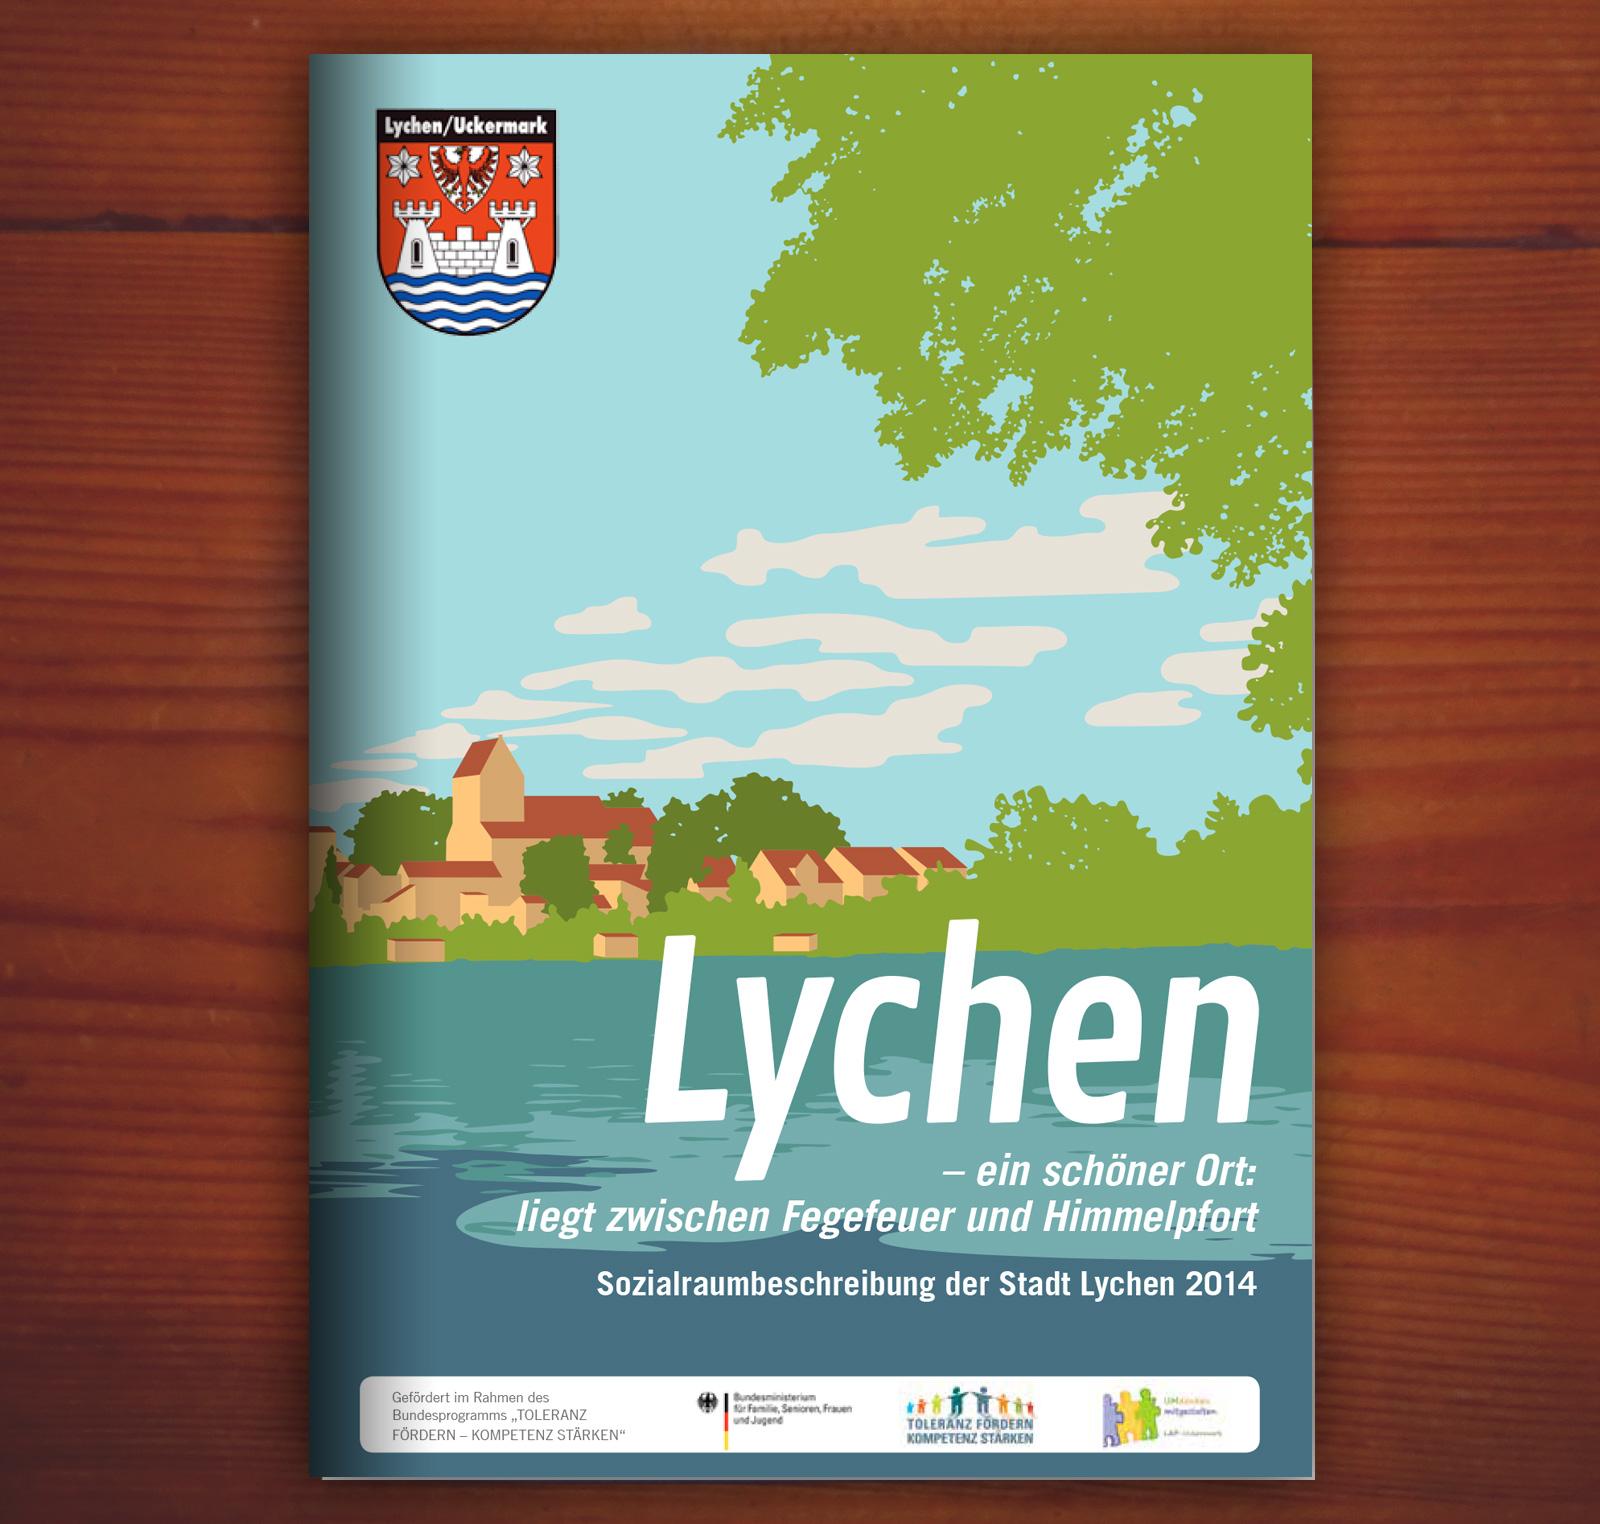 Lychen – Sozialraumbeschreibung der Stadt Lychen (Uckermark, Brandenburg) mit Infografiken